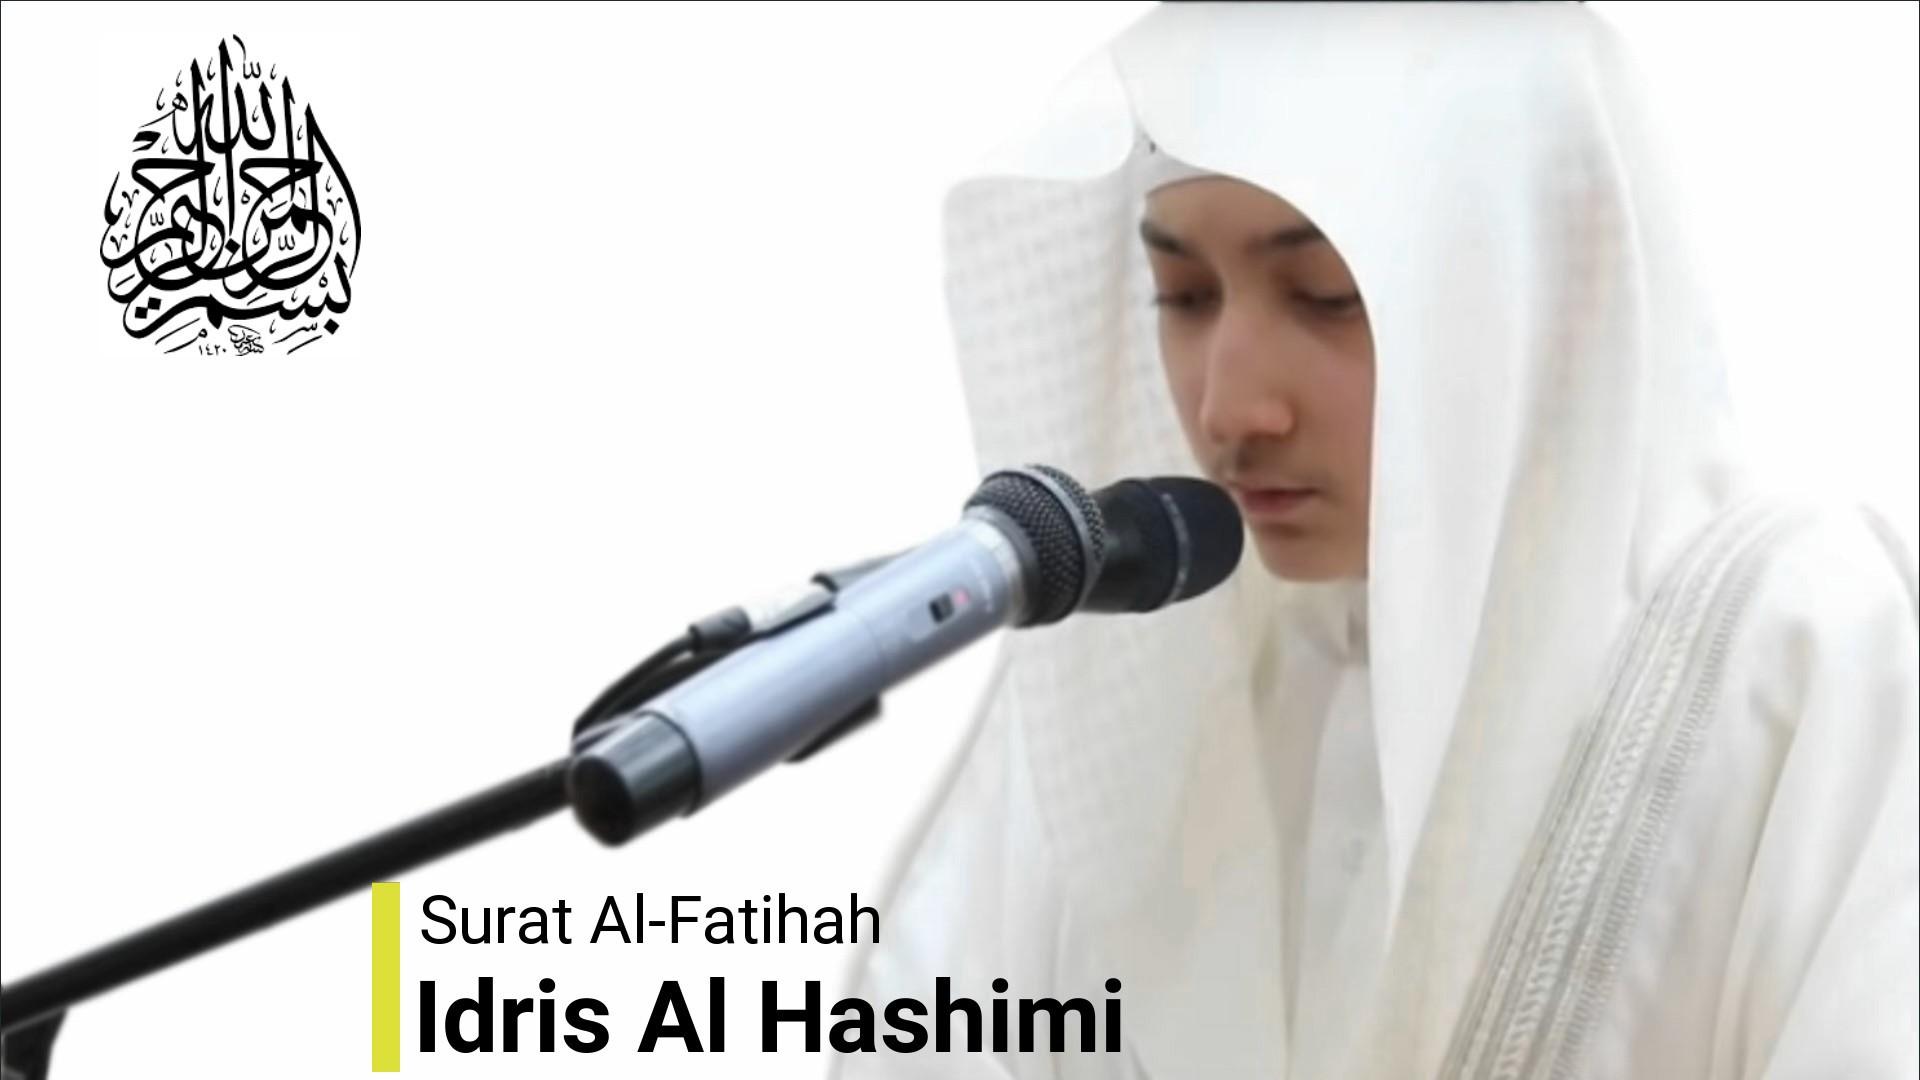 Imam Muda Suara Merdu Idris Al Hashmi Surat Al Fatihah